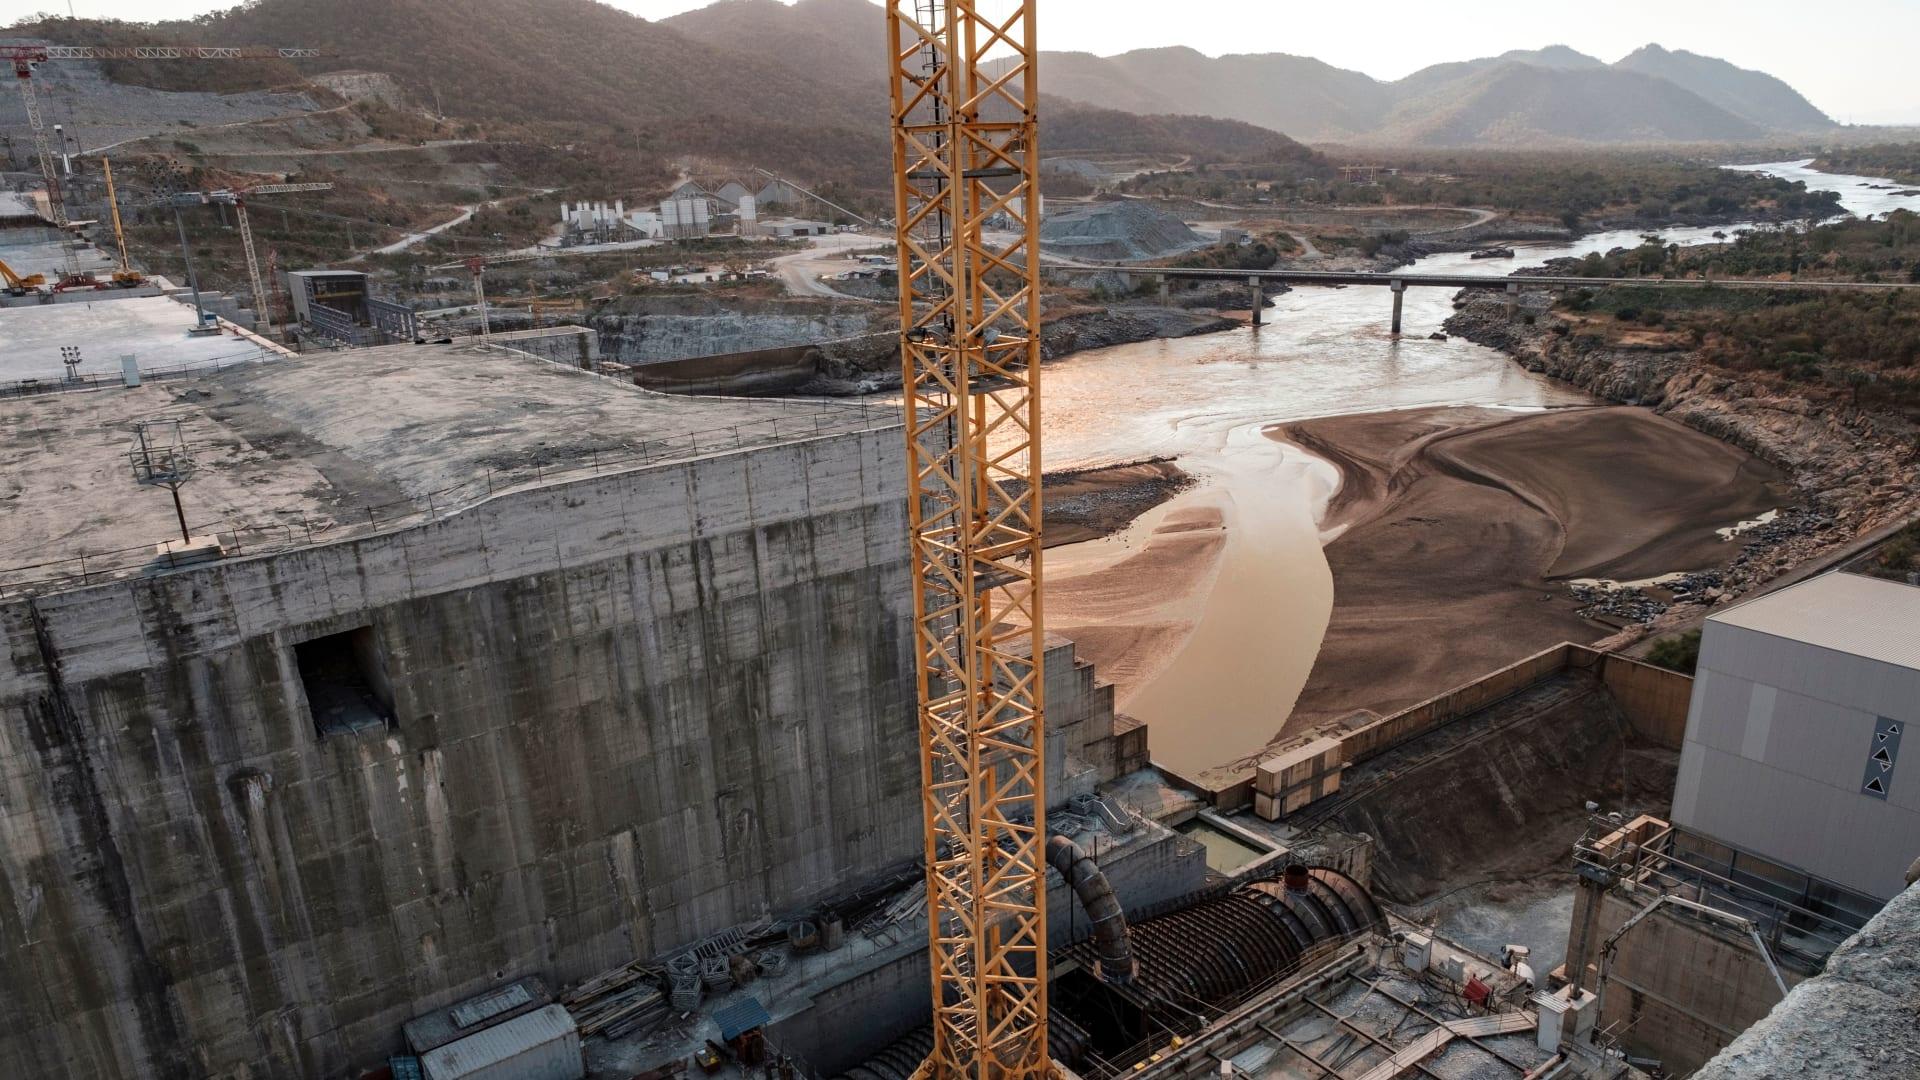 وسط تفاقم الأزمة مع مصر والسودان.. إثيوبيا تحتفل بـ10 سنوات على بناء سد النهضة واكتماله بنسبة 79%